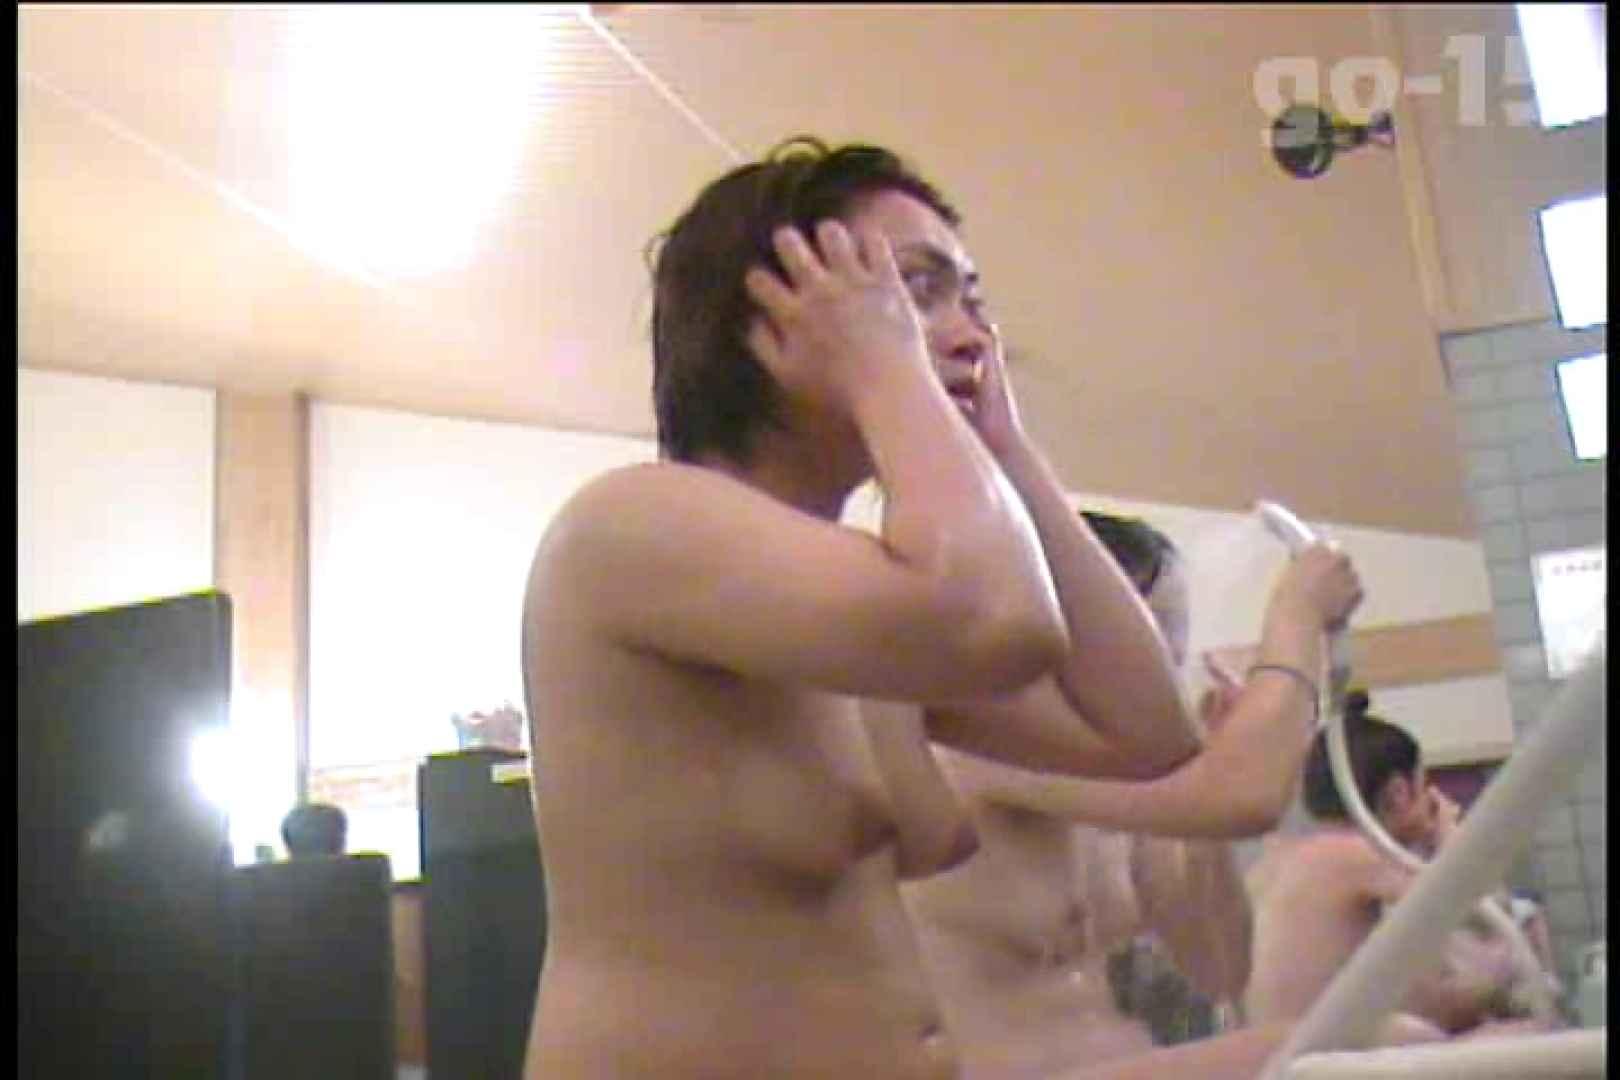 電波カメラ設置浴場からの防HAN映像 Vol.15 OL女体  90連発 81